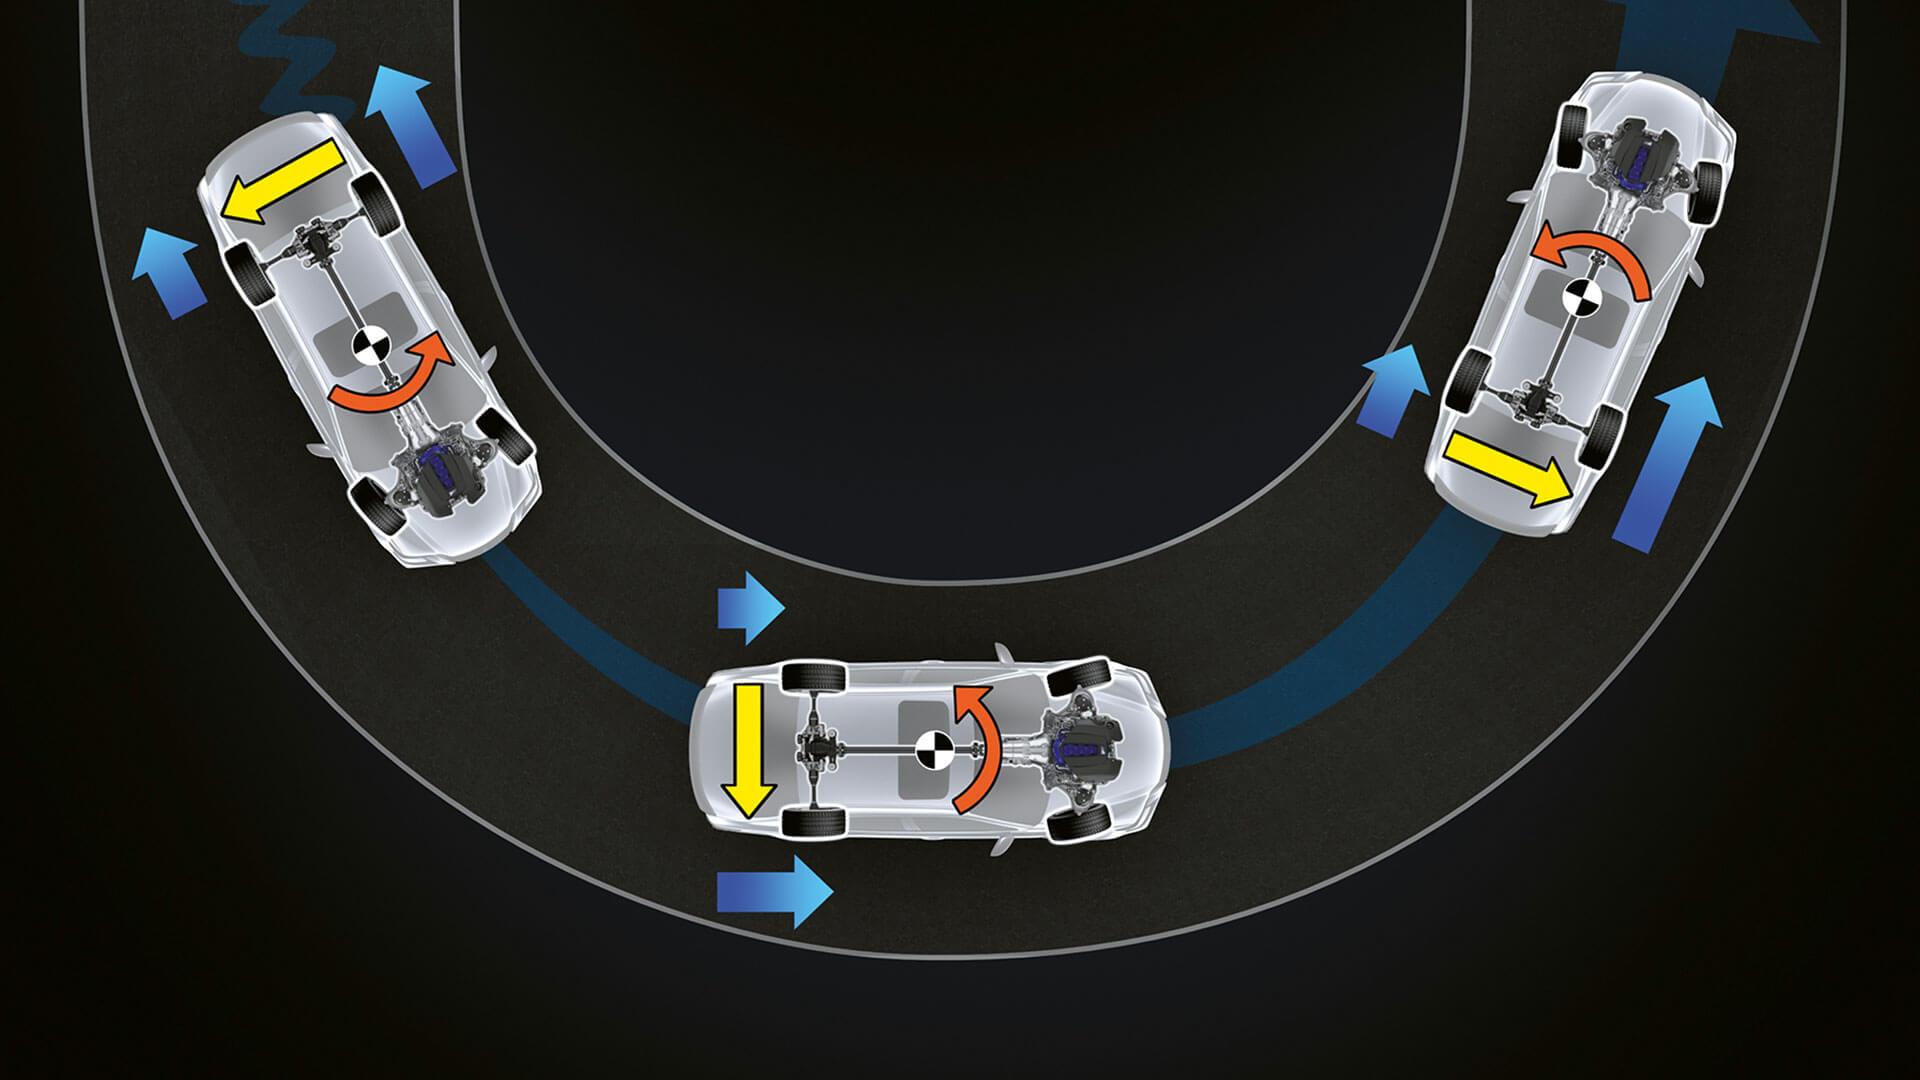 2017 lexus gs f features torque differential